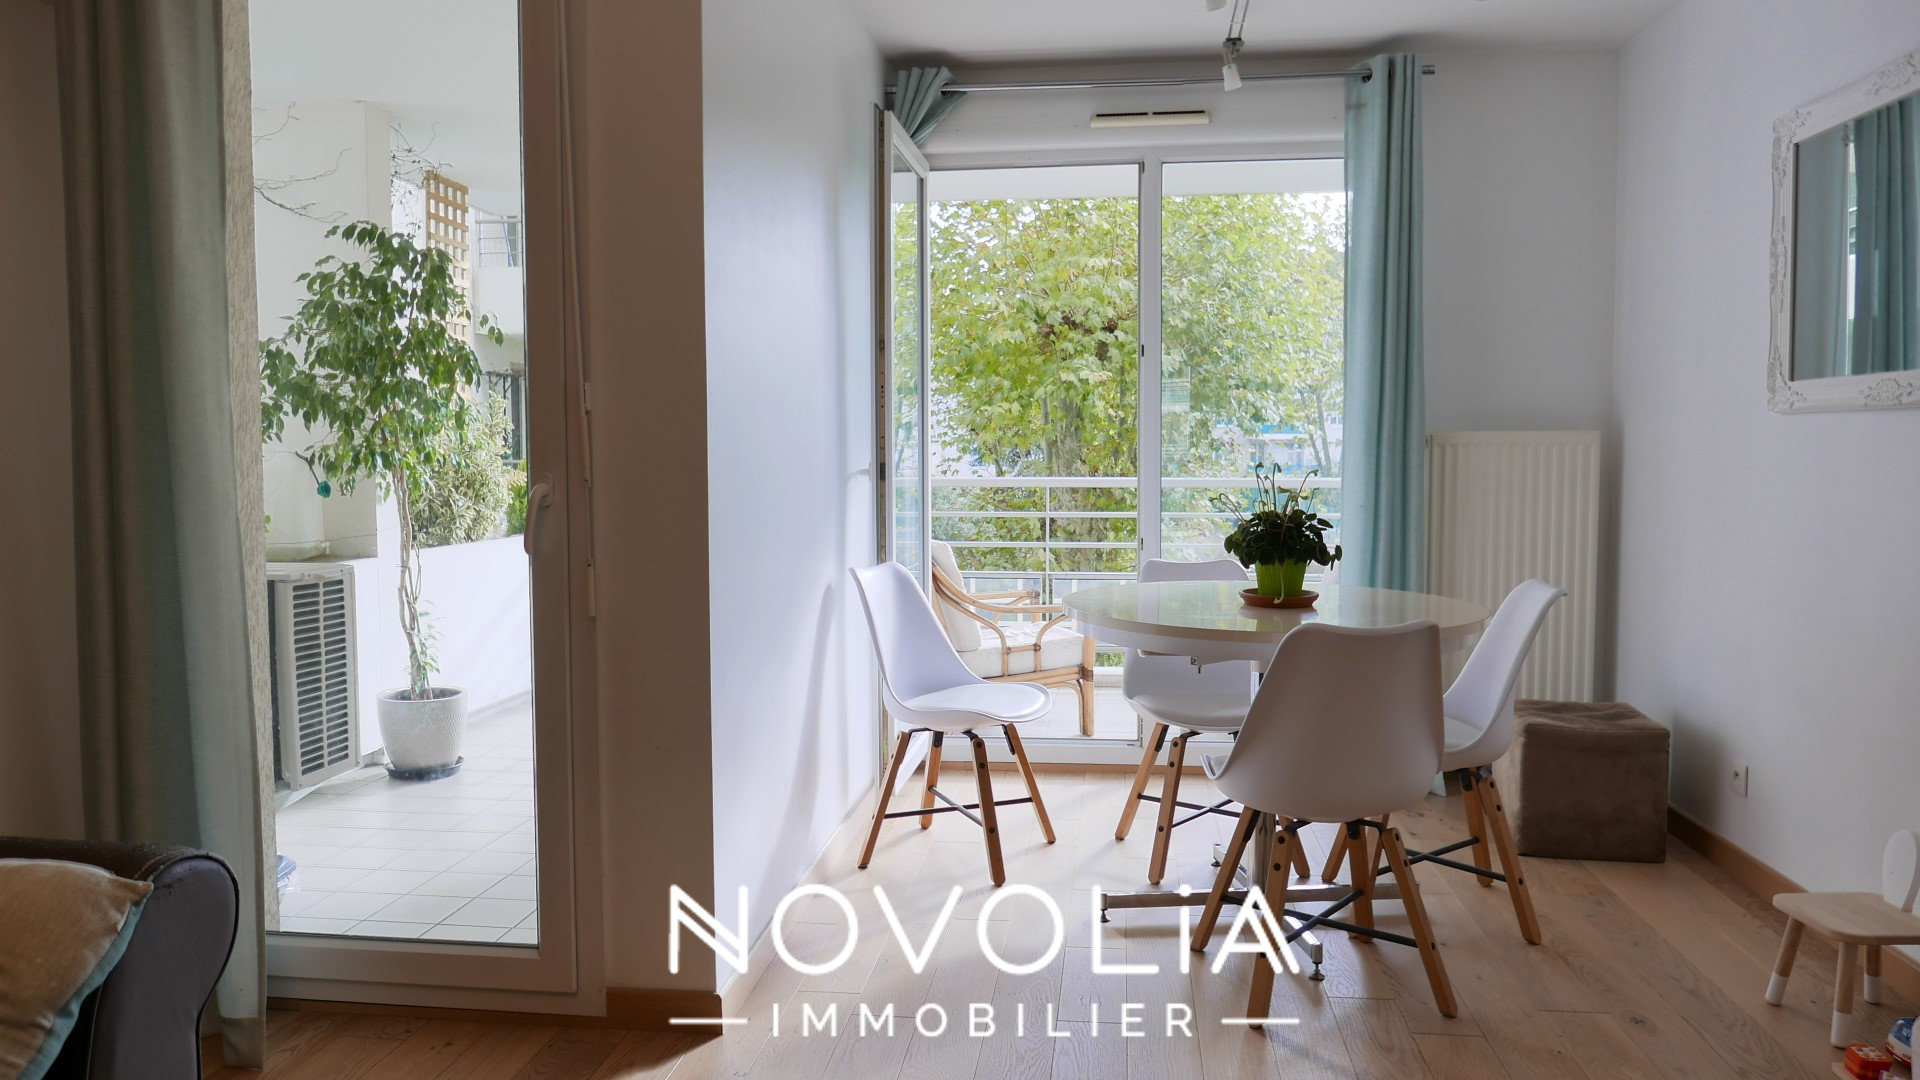 Achat Appartement Surface de 75 m²/ Total carrez : 74.75 m², 4 pièces, Lyon 8ème (69008)